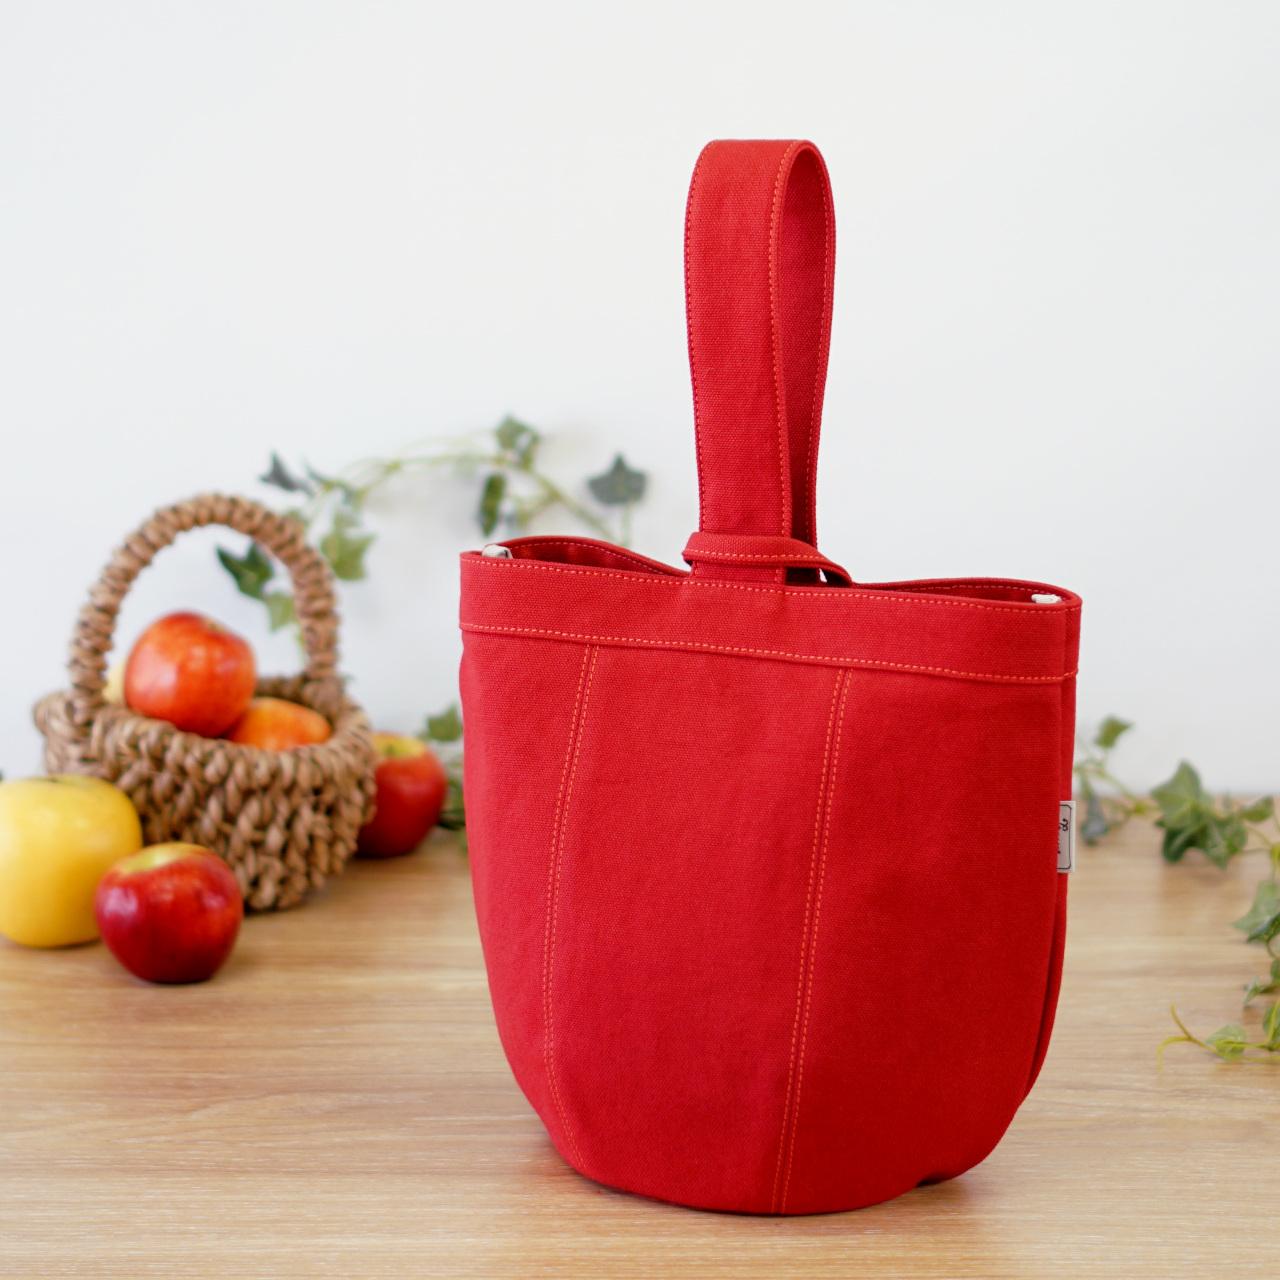 新作ハンドバッグ「アップル」が仲間入り♪